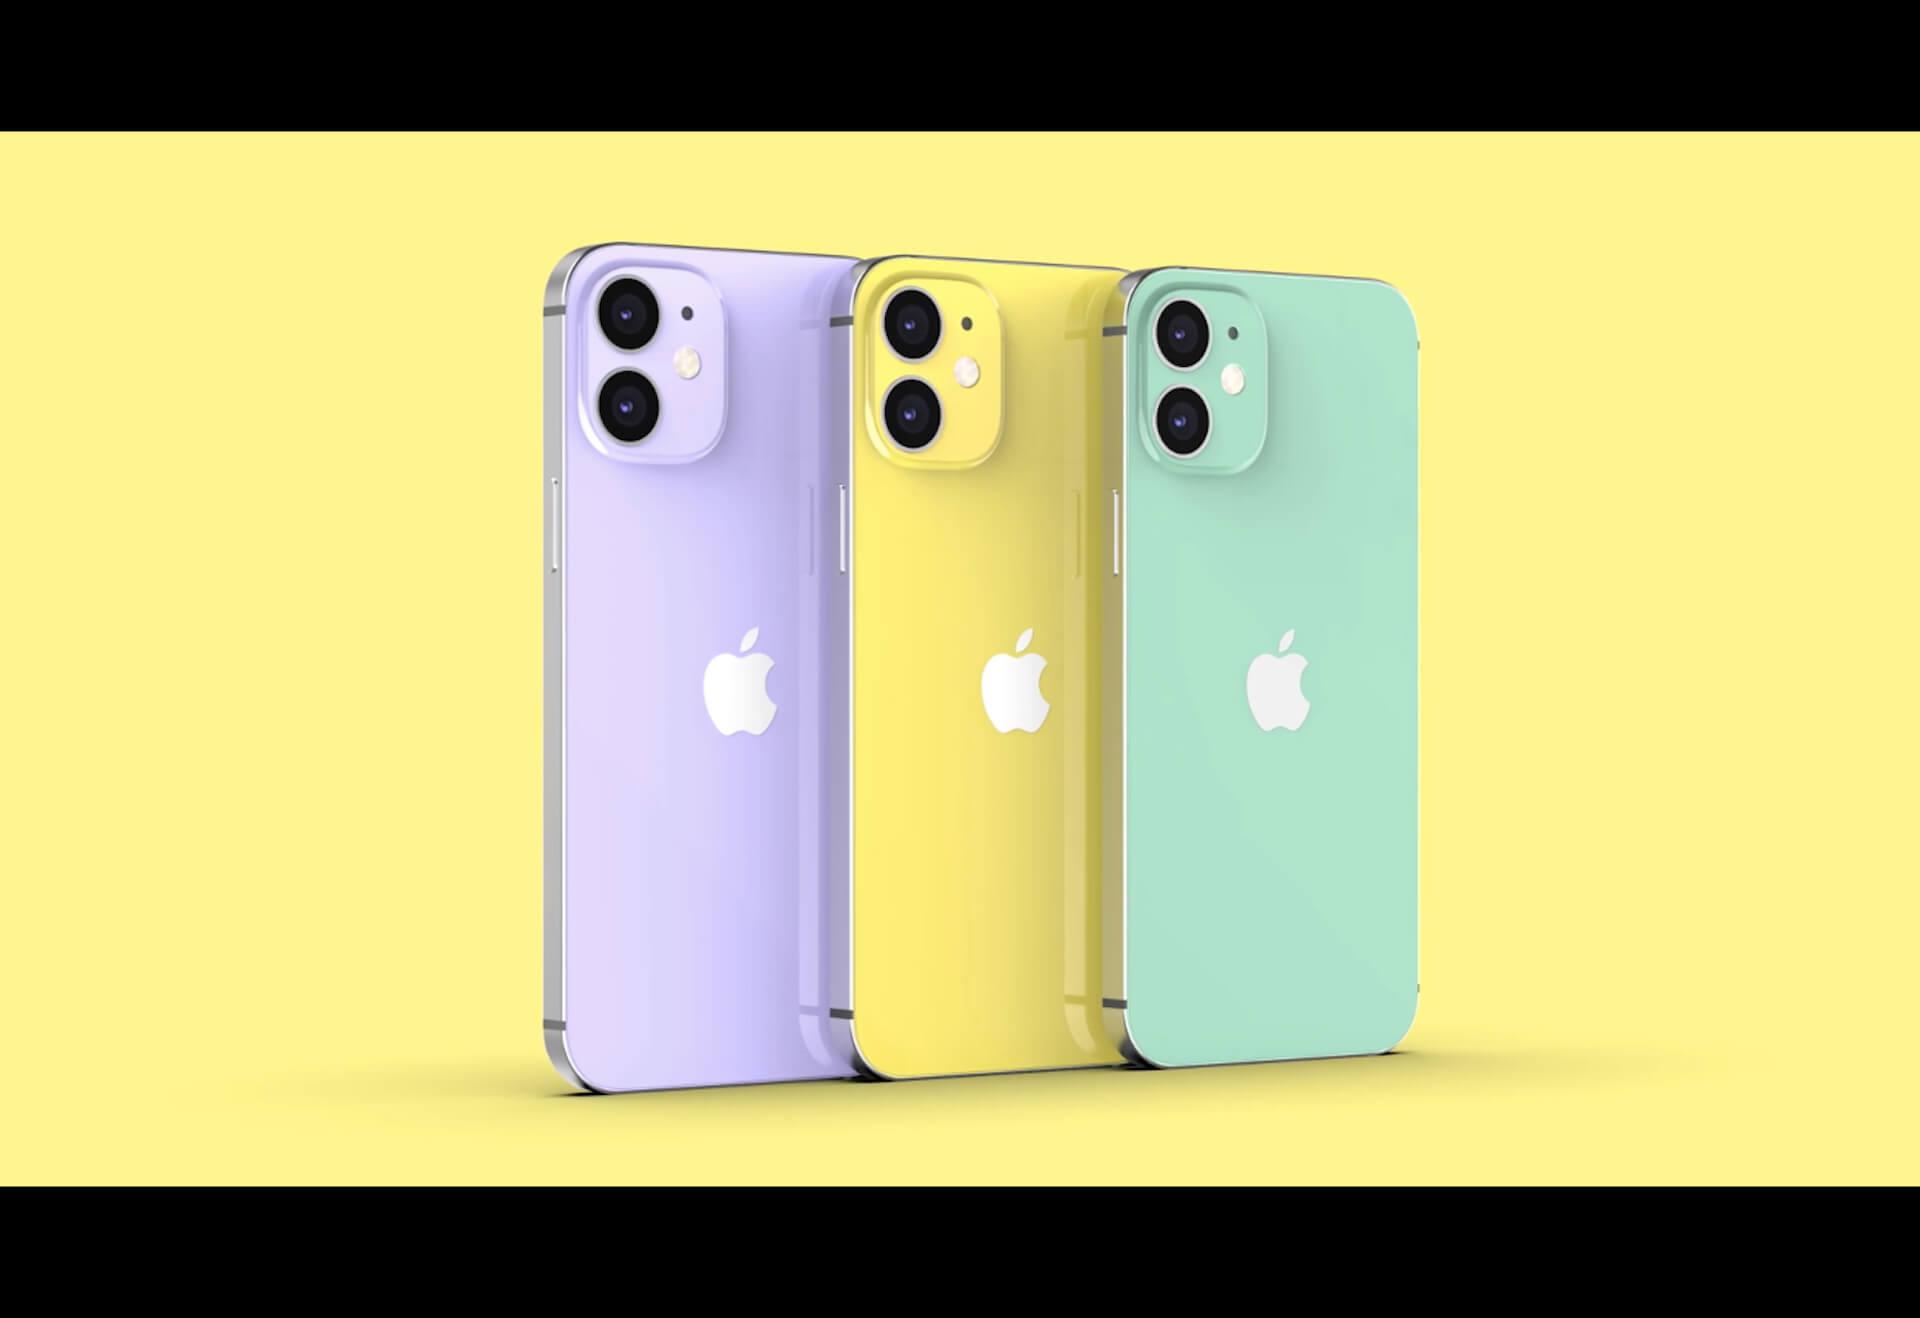 新色ネイビーブルーはこんな感じ?6.1インチモデルのiPhone 12 Maxのコンセプトイメージが公開 tech200728_iphone12_main